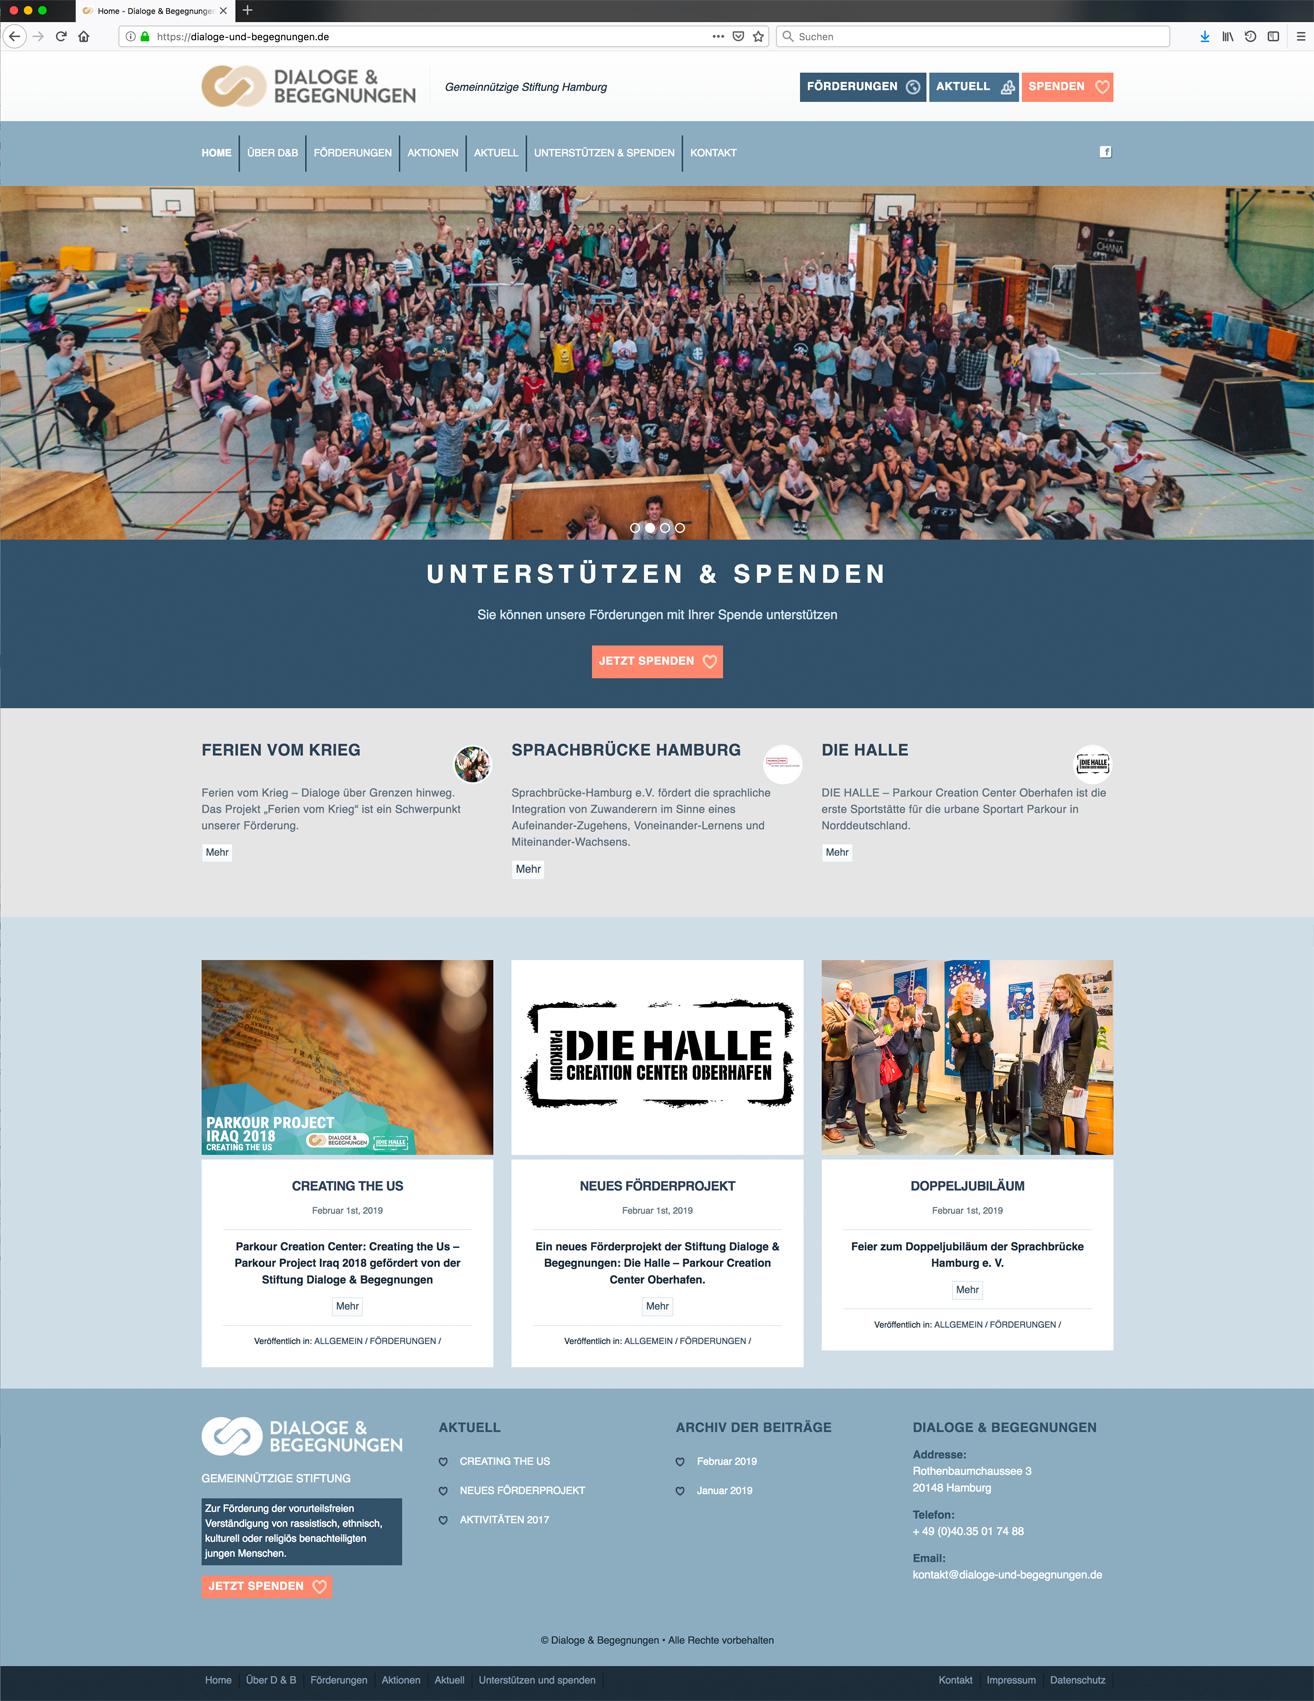 Relaunch der Website für Dialoge & Begegnungen durch Kähler & Kähler